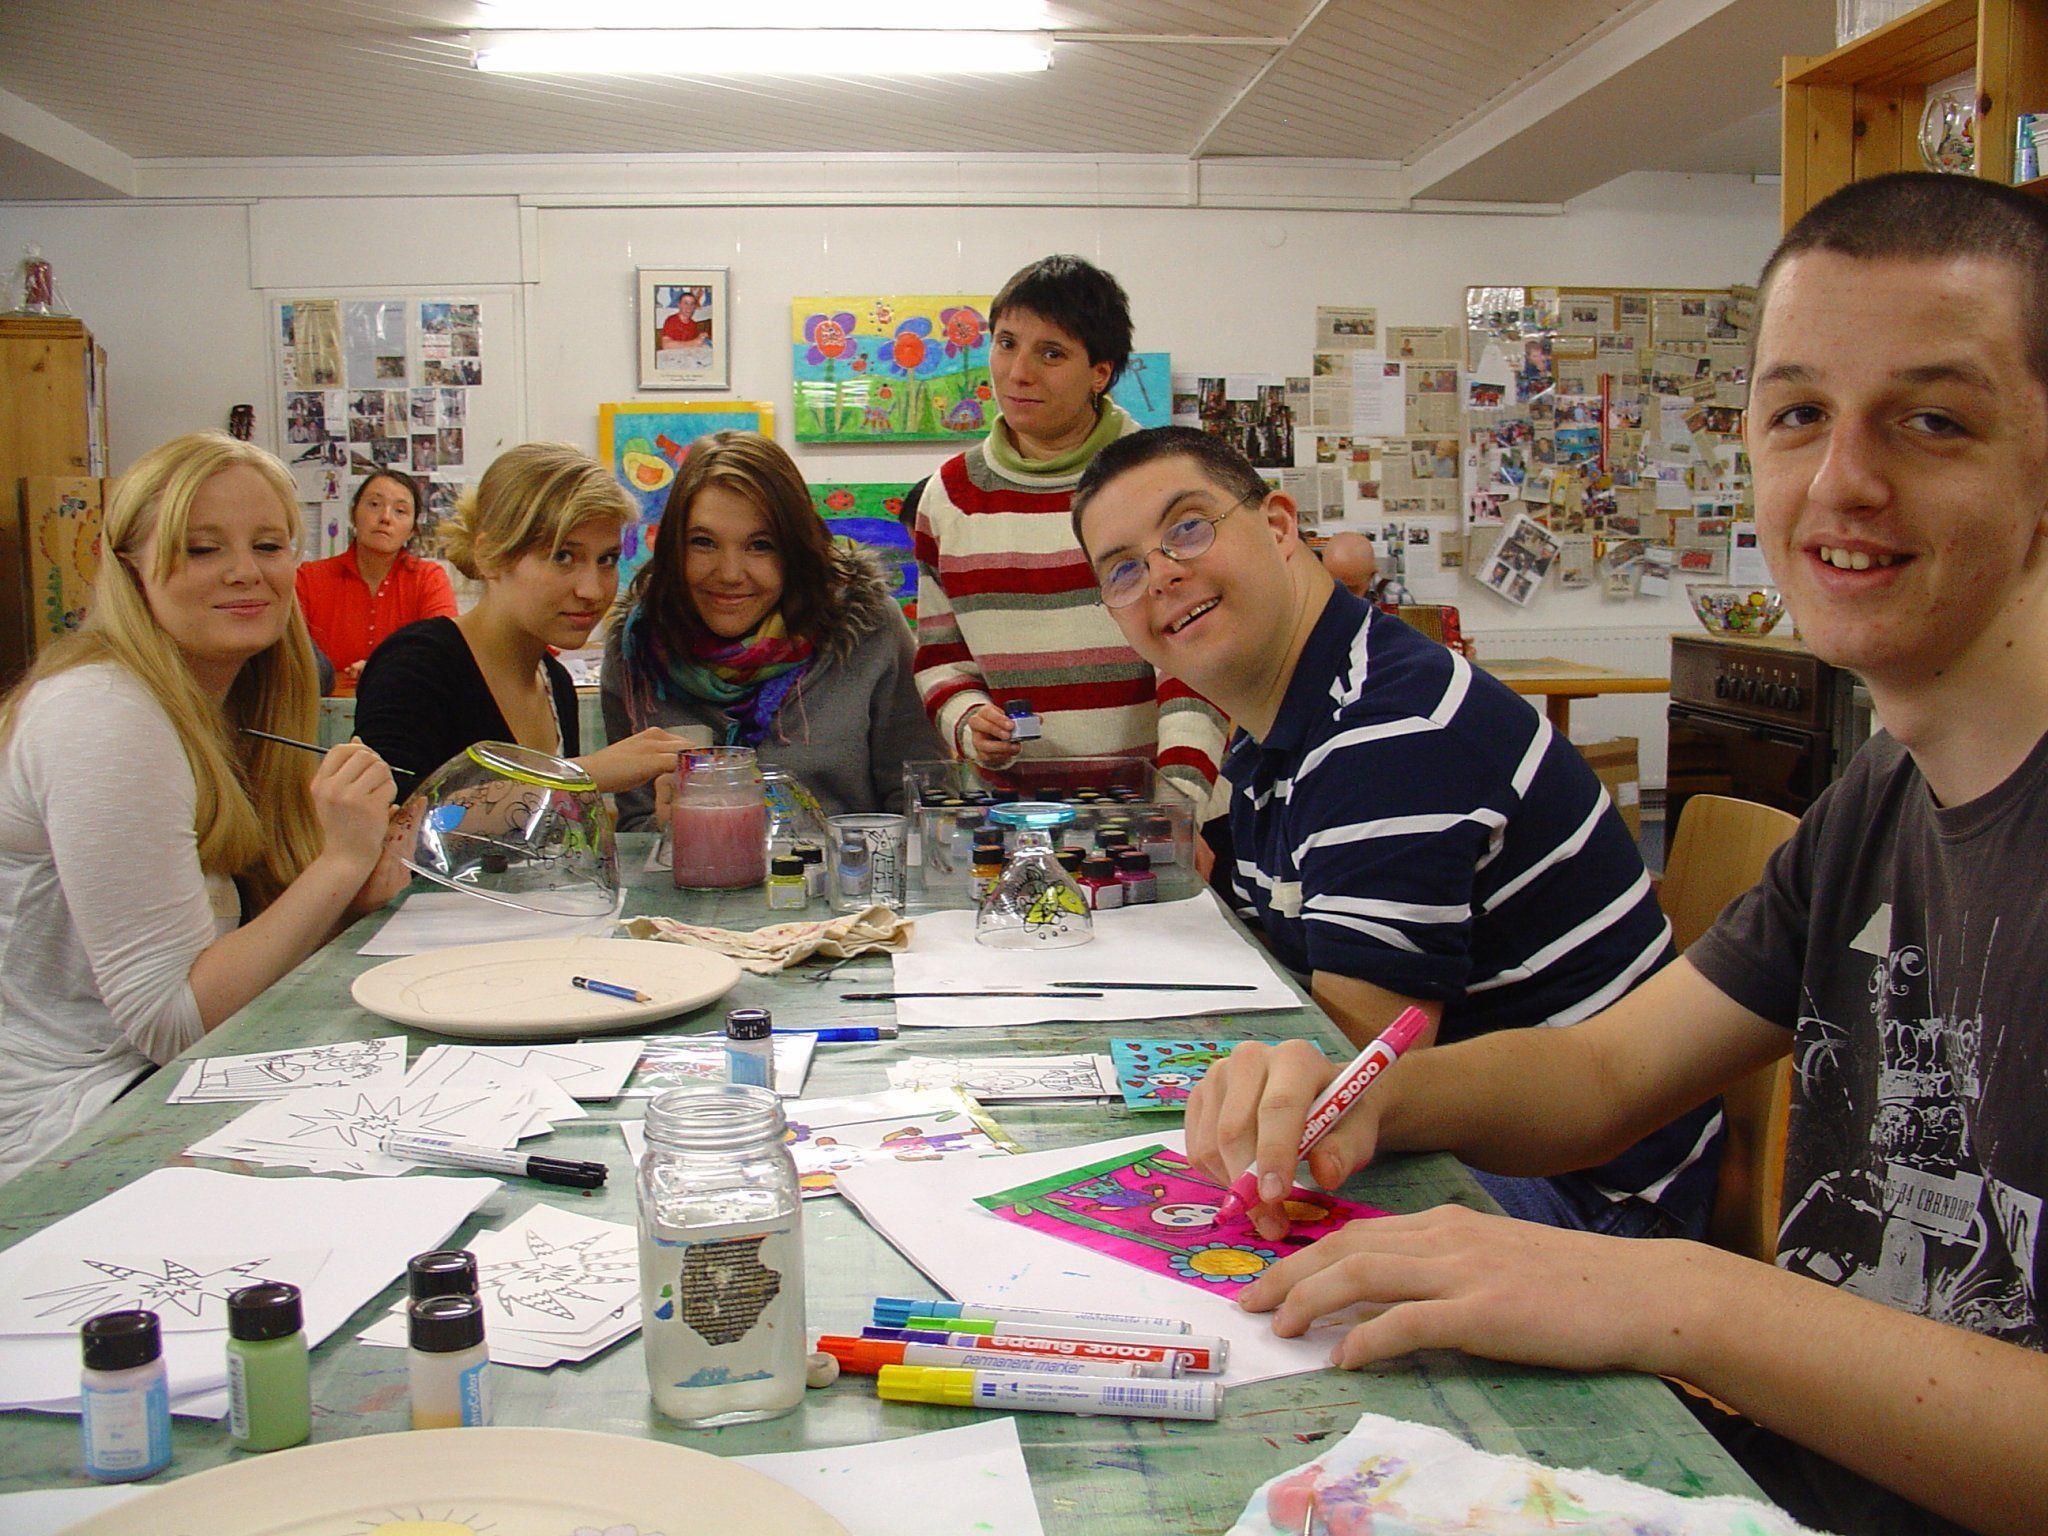 Spar- Lehrlinge und Menschen mit Behinderung gemeinsam am Werk.